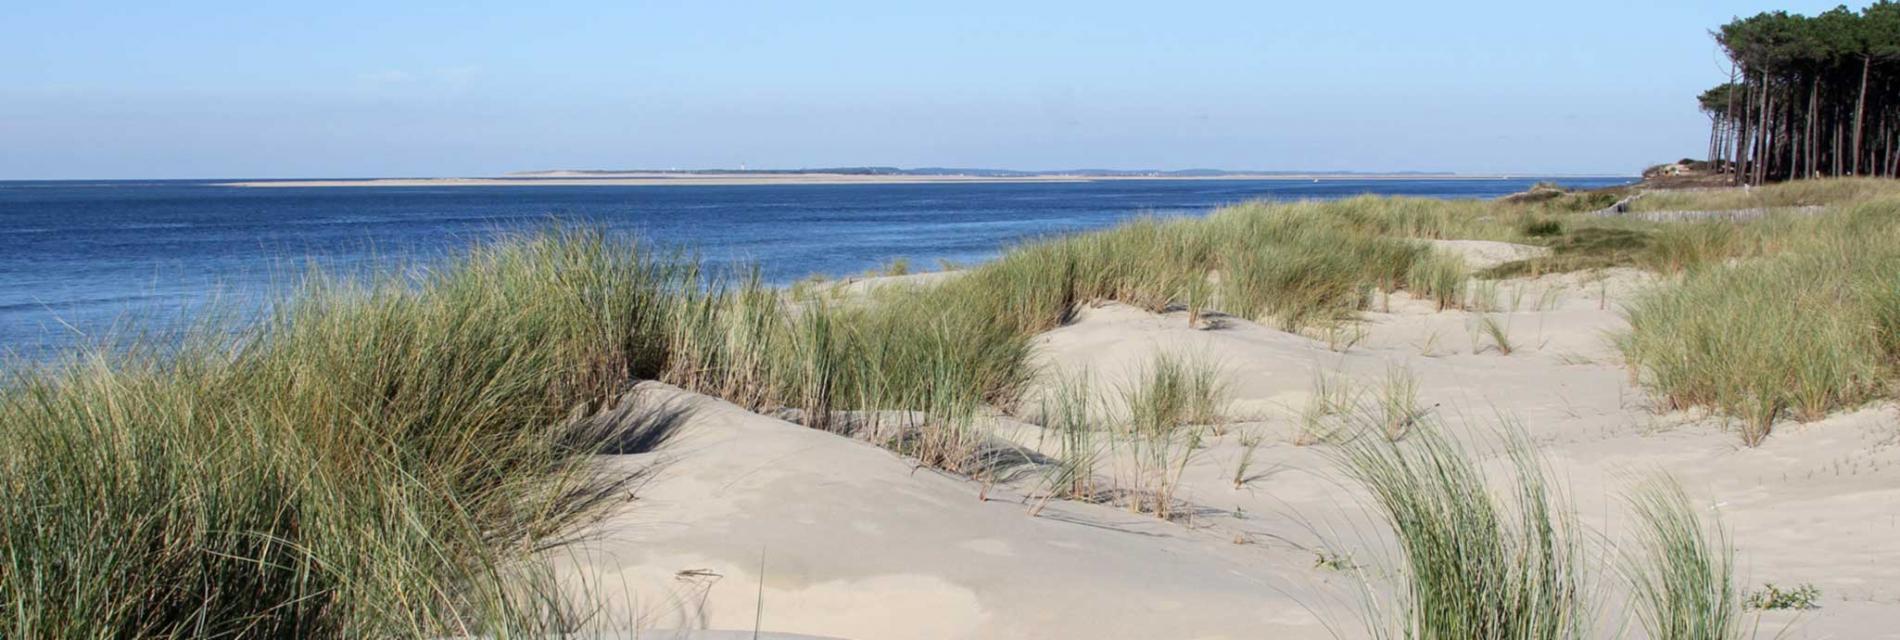 Slide les plages sauvages des alentours